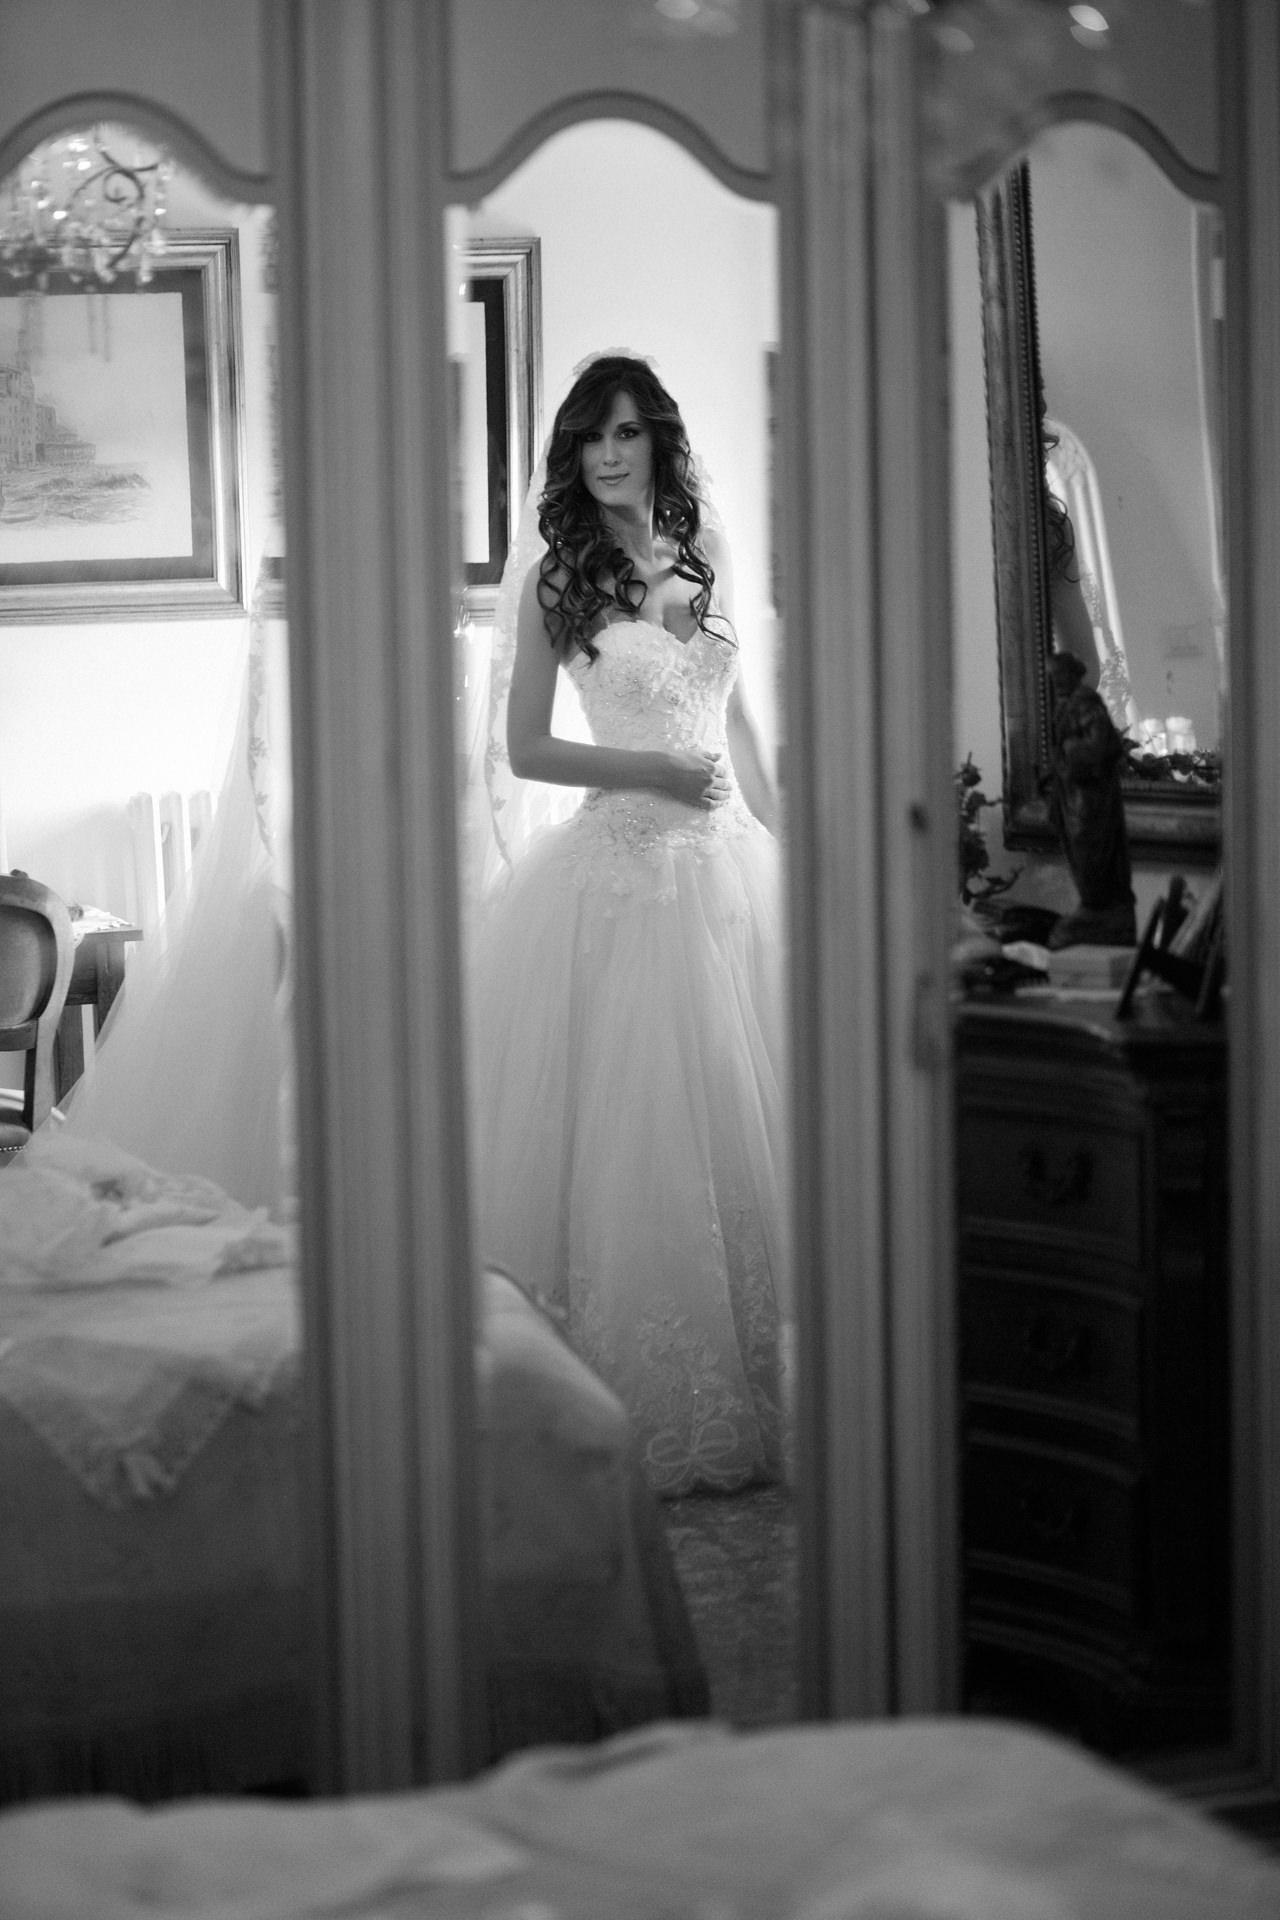 ernesto-de-angelis-fotografo-matrimoni-0067.jpg